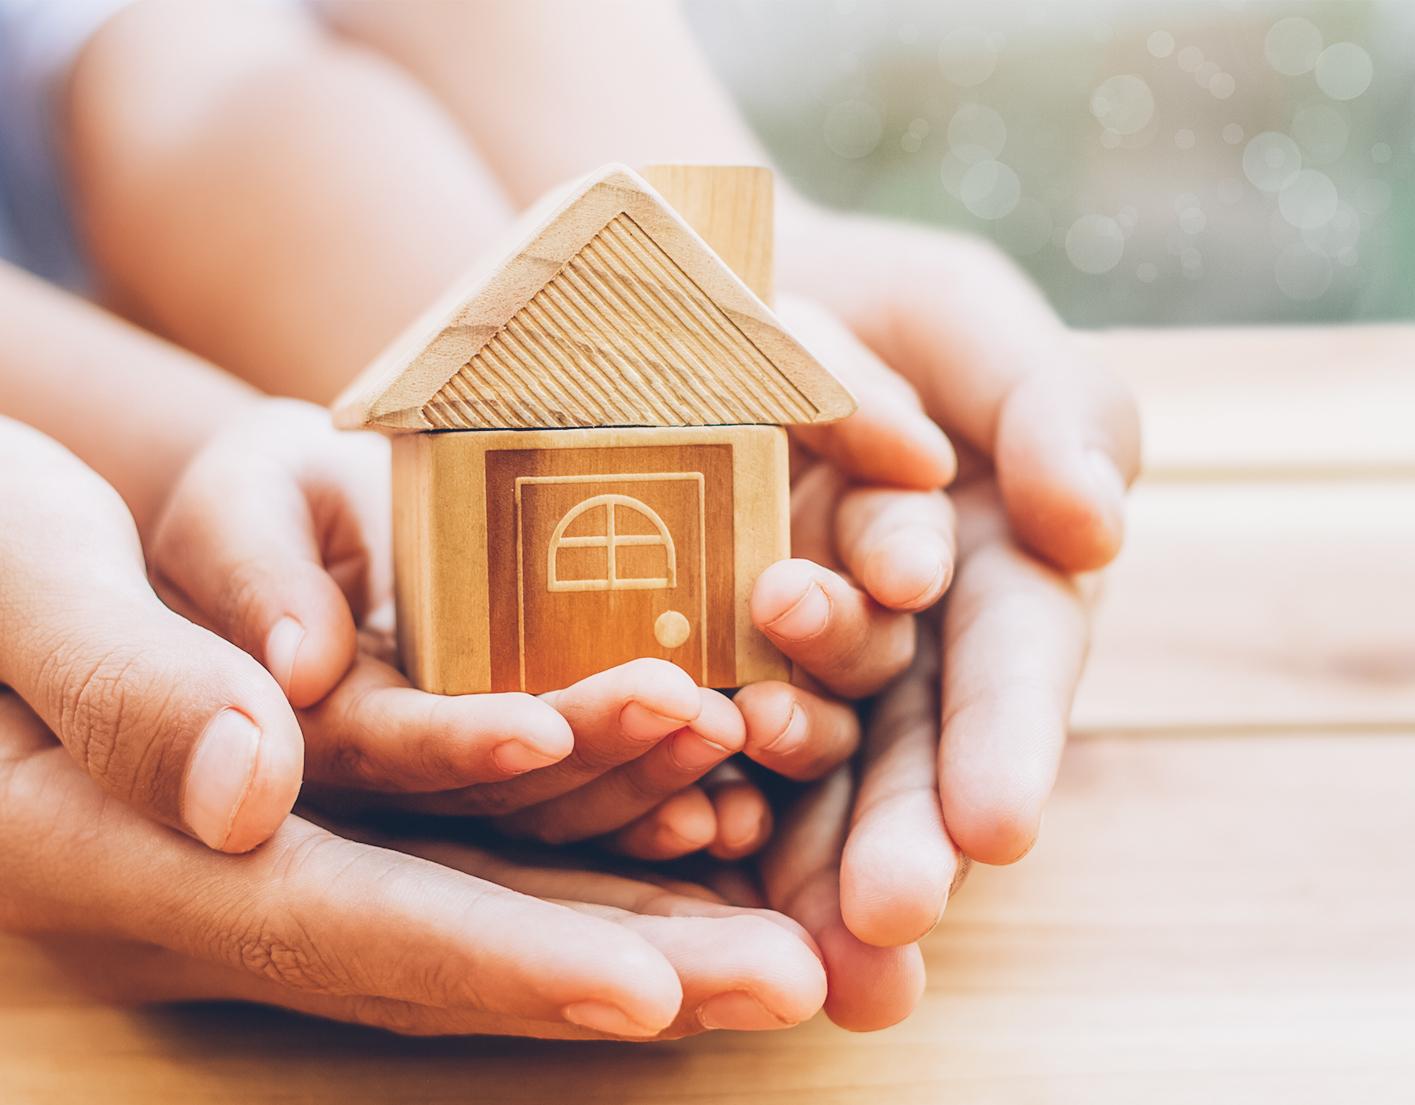 DONACIÓ UNIVERSAL: El donatari menor d'edat necessita autorització judicial o benefici d'inventari segons Sentència de 07.05.19 del TSJIB. Comentari crític